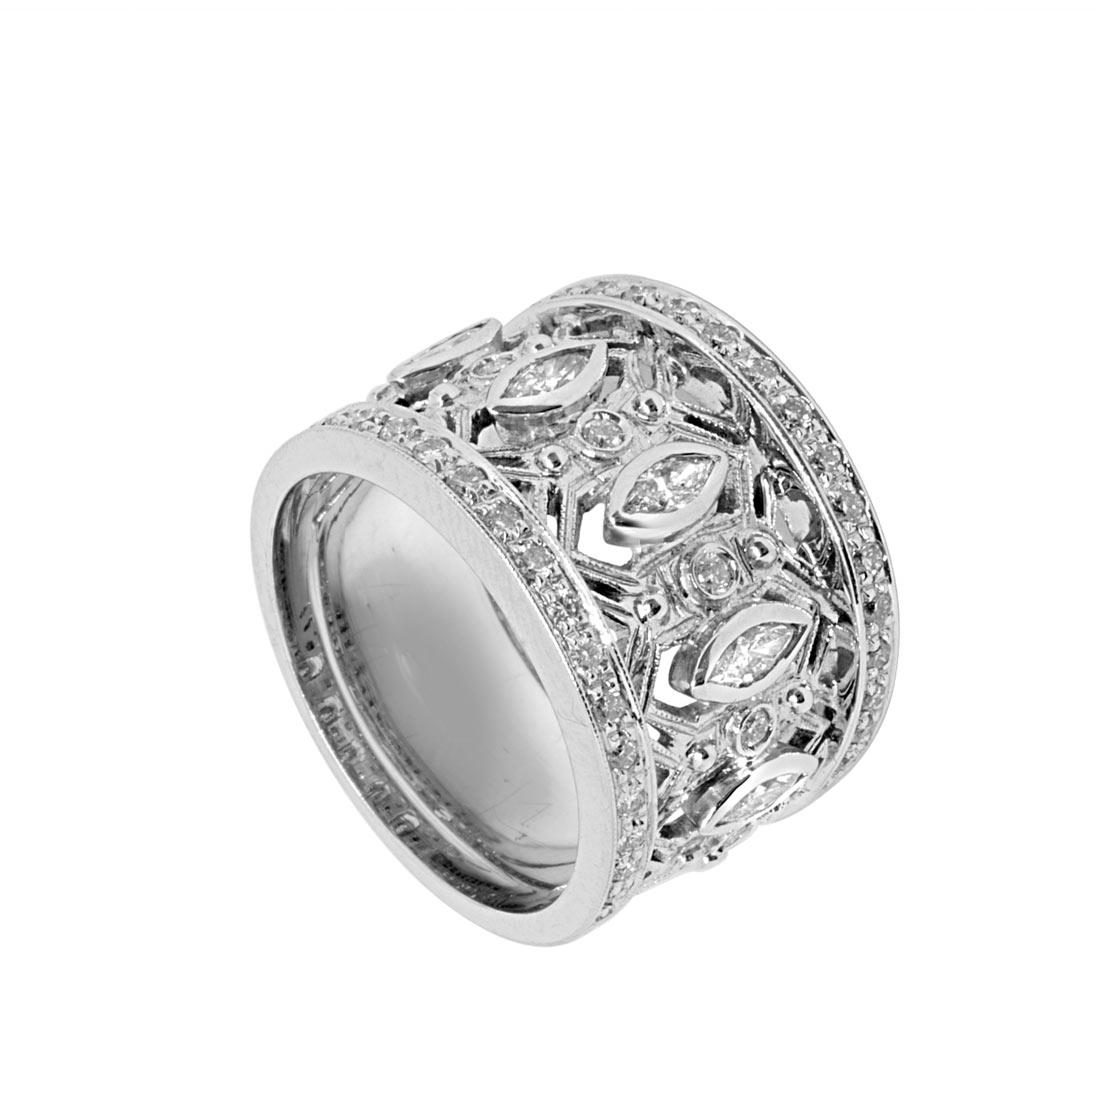 Anello Oro & Co in oro bianco con diamanti 1.09 ct, misura 16 - ORO&CO